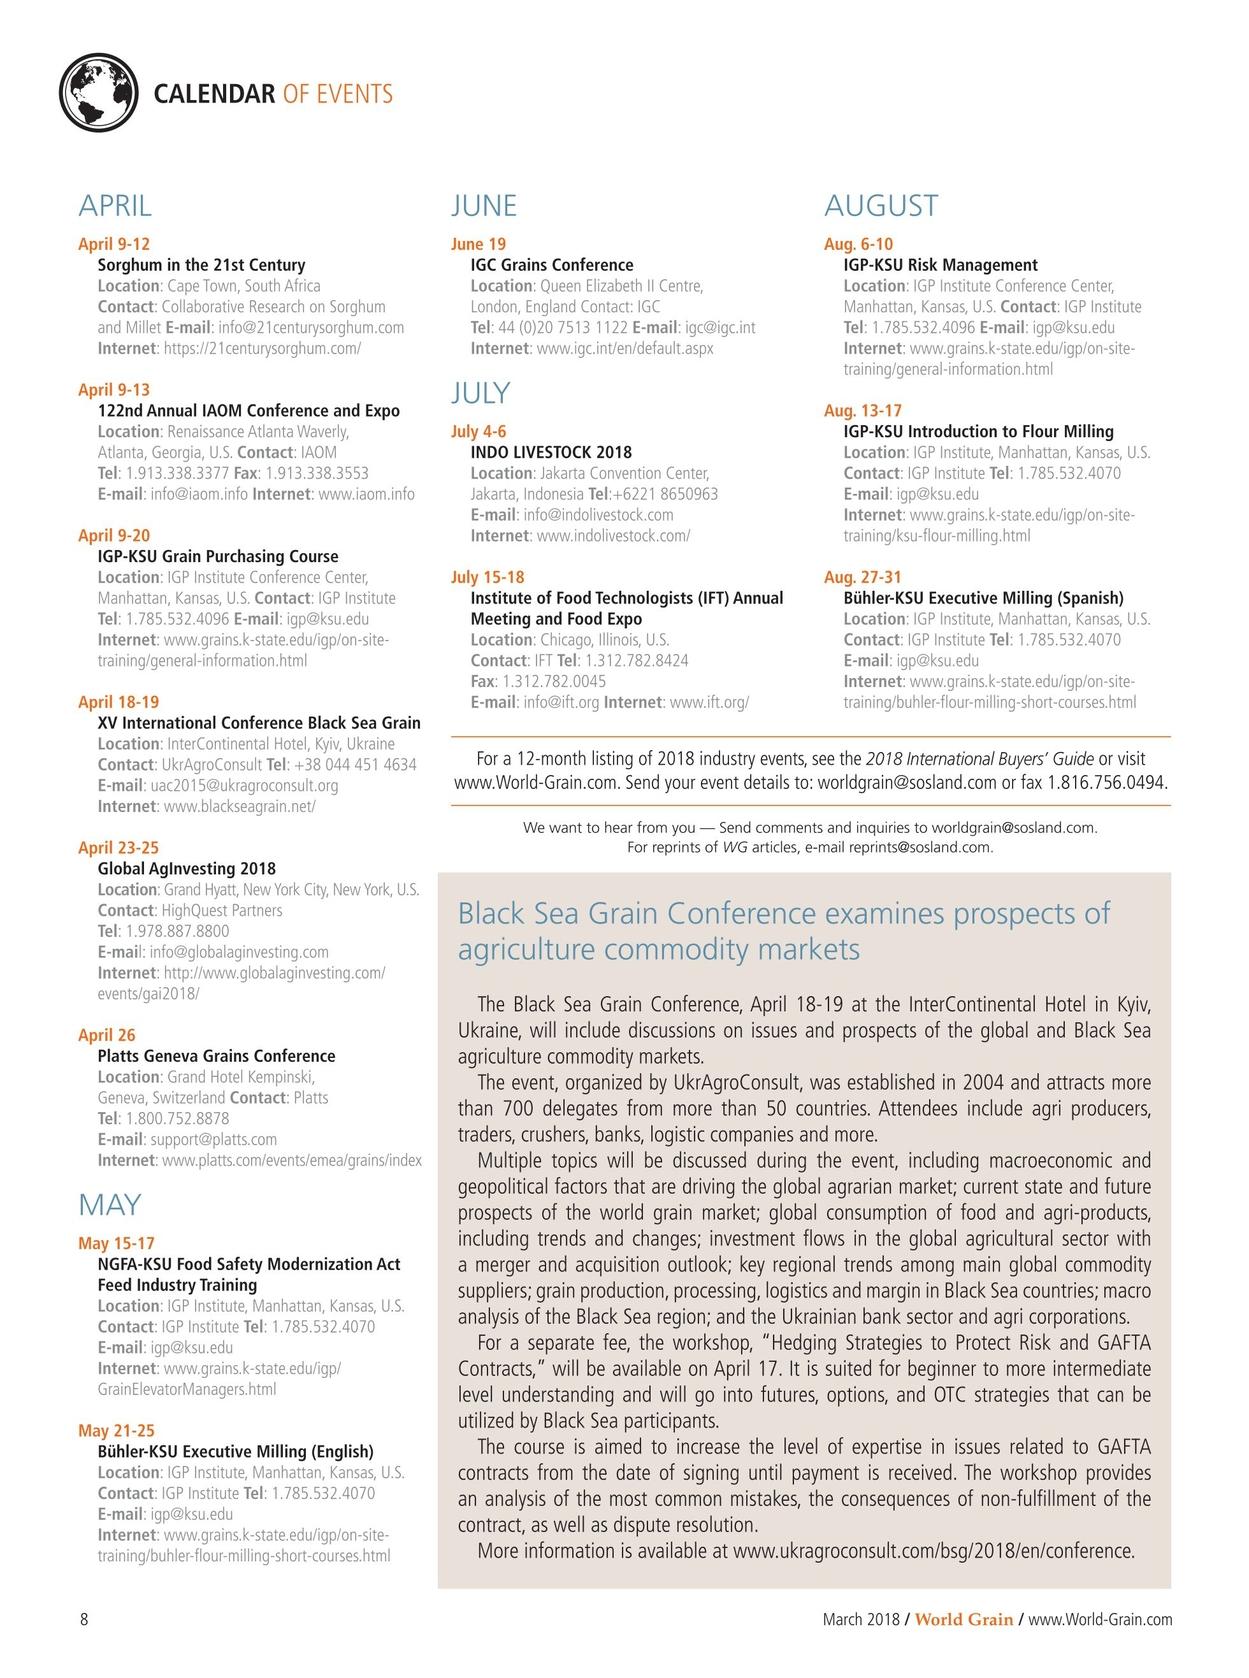 Platts Pricing Index